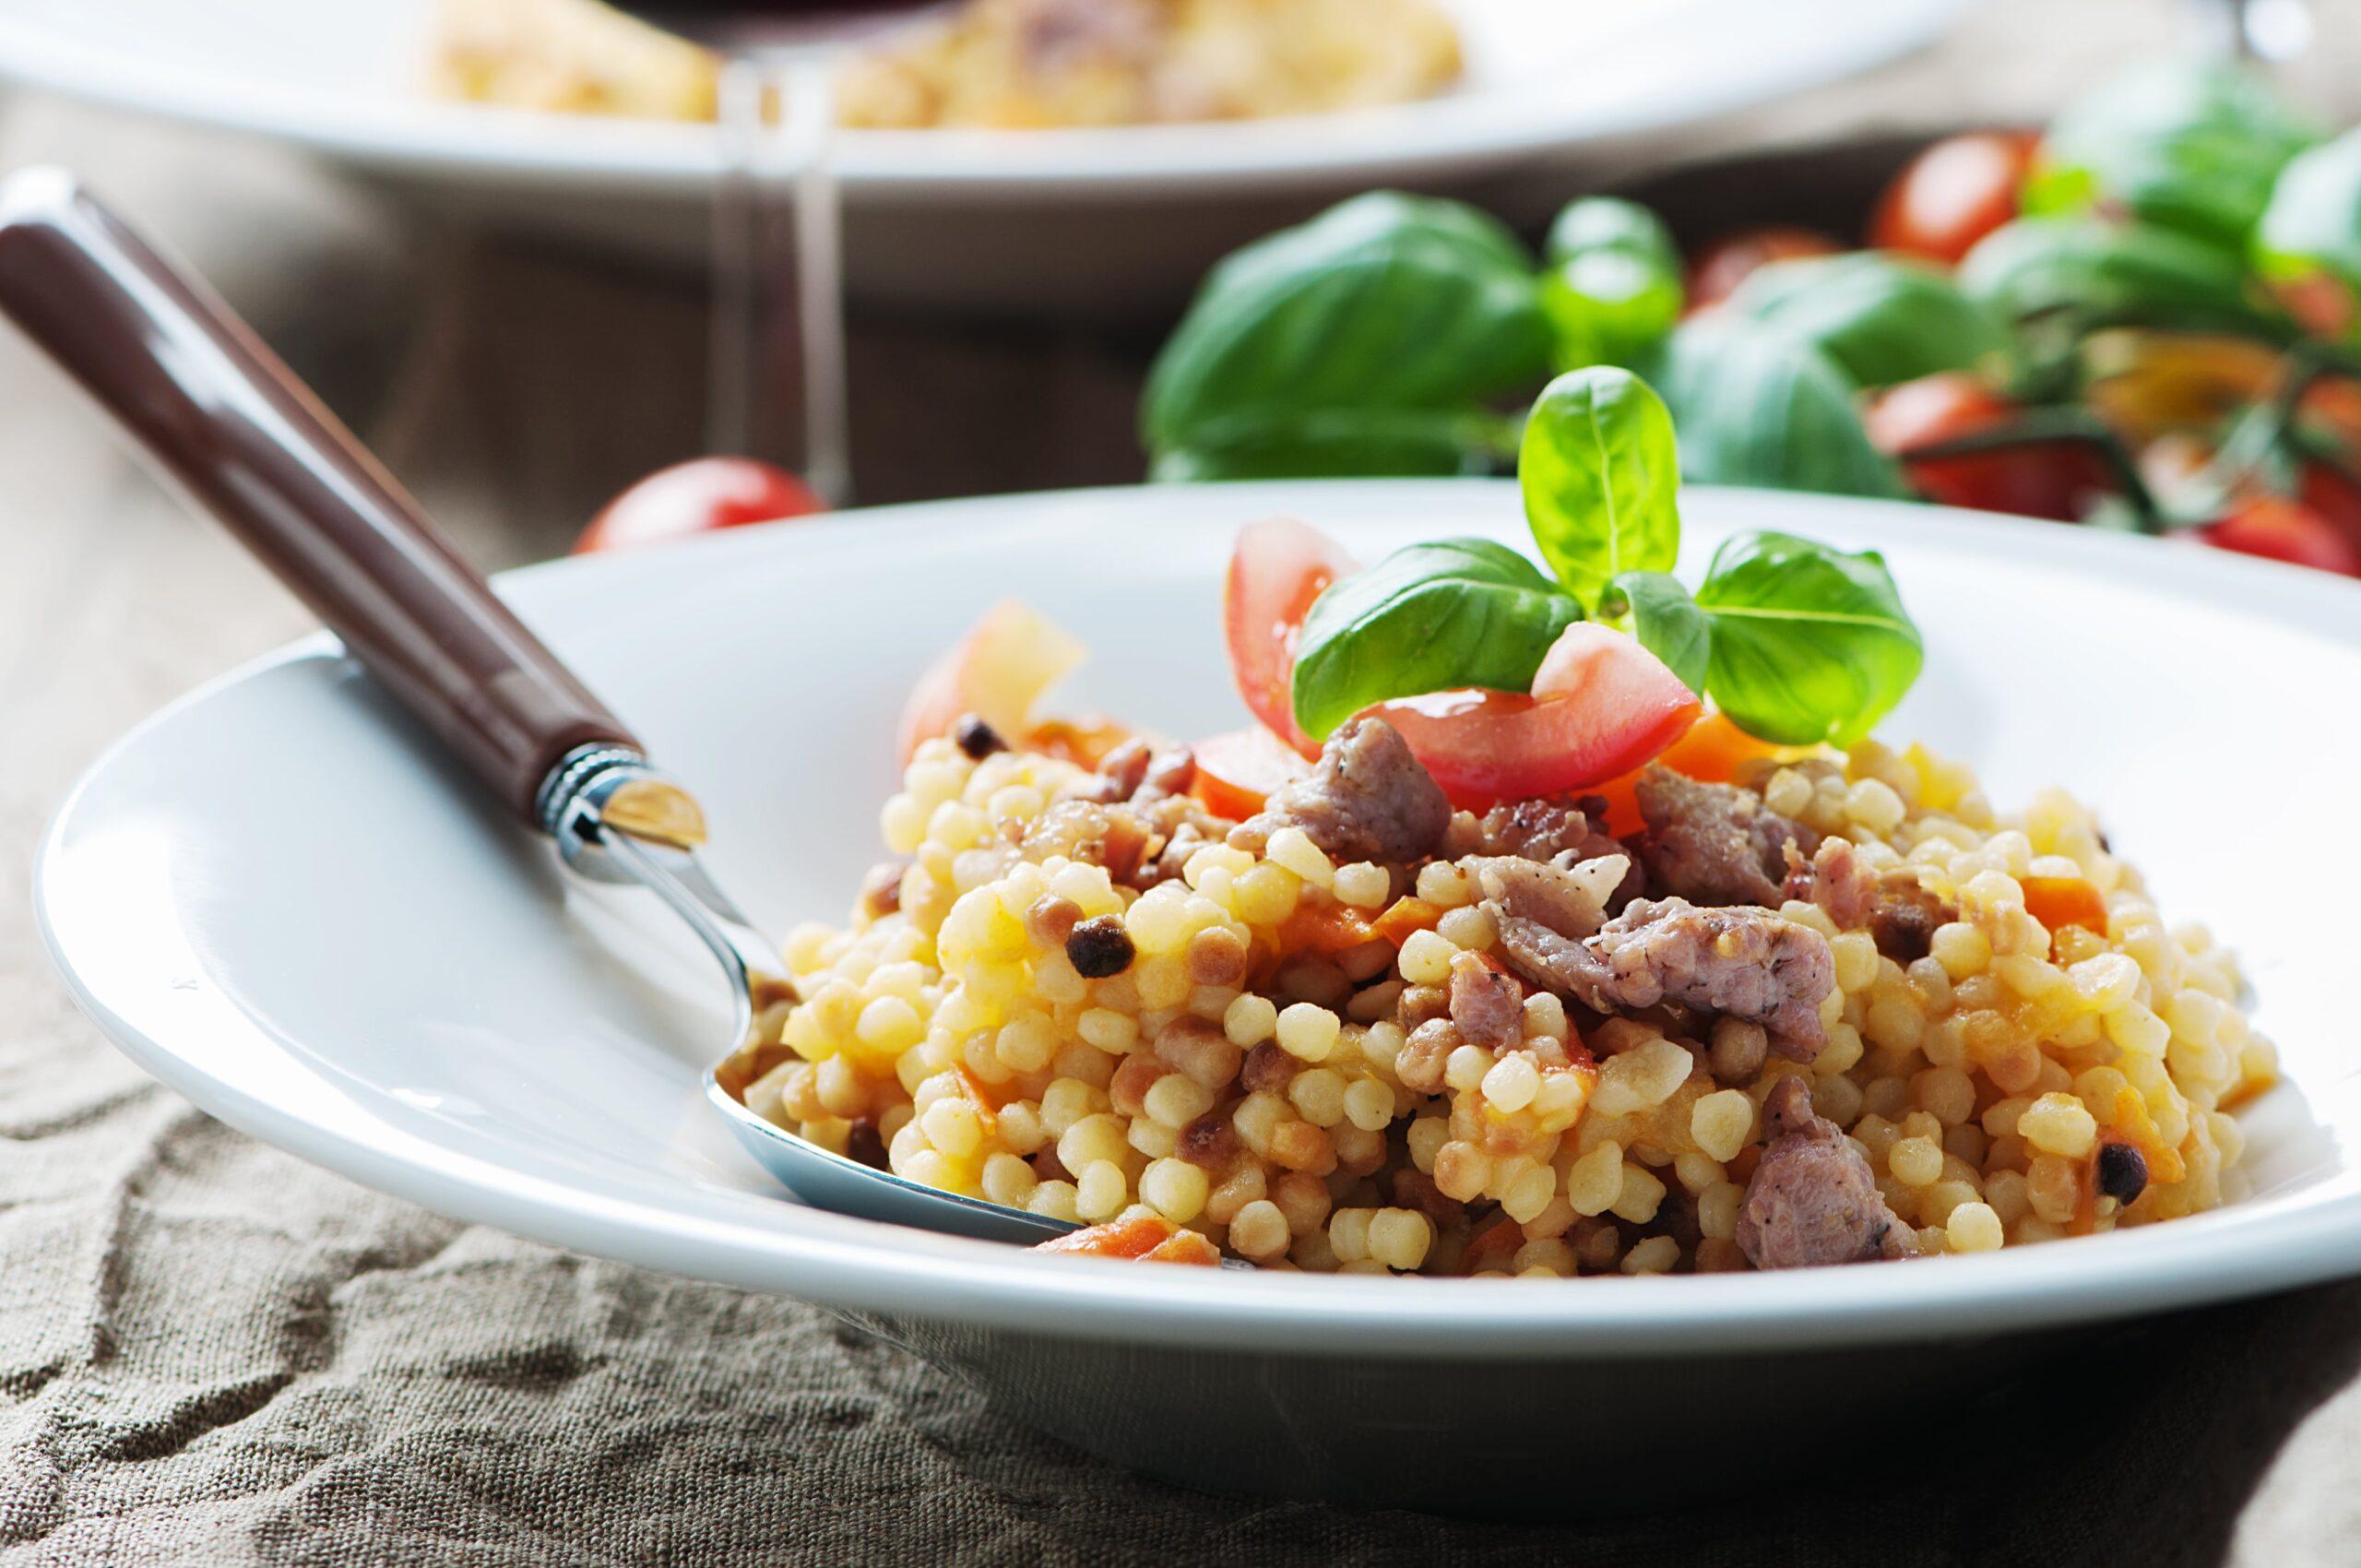 I sapori veri, intensi e genuini della cucina sarda